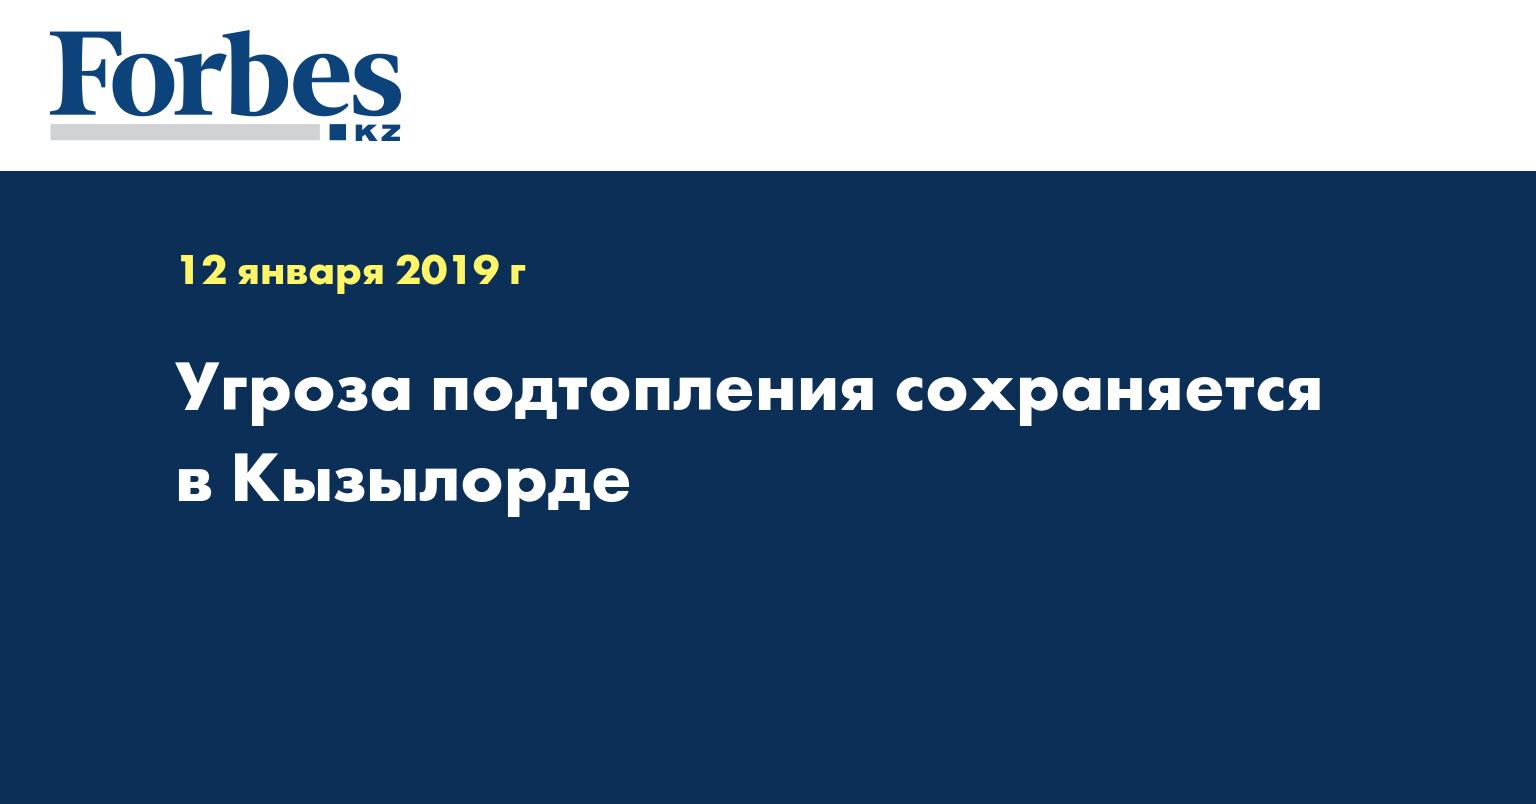 Угроза подтопления сохраняется в Кызылорде